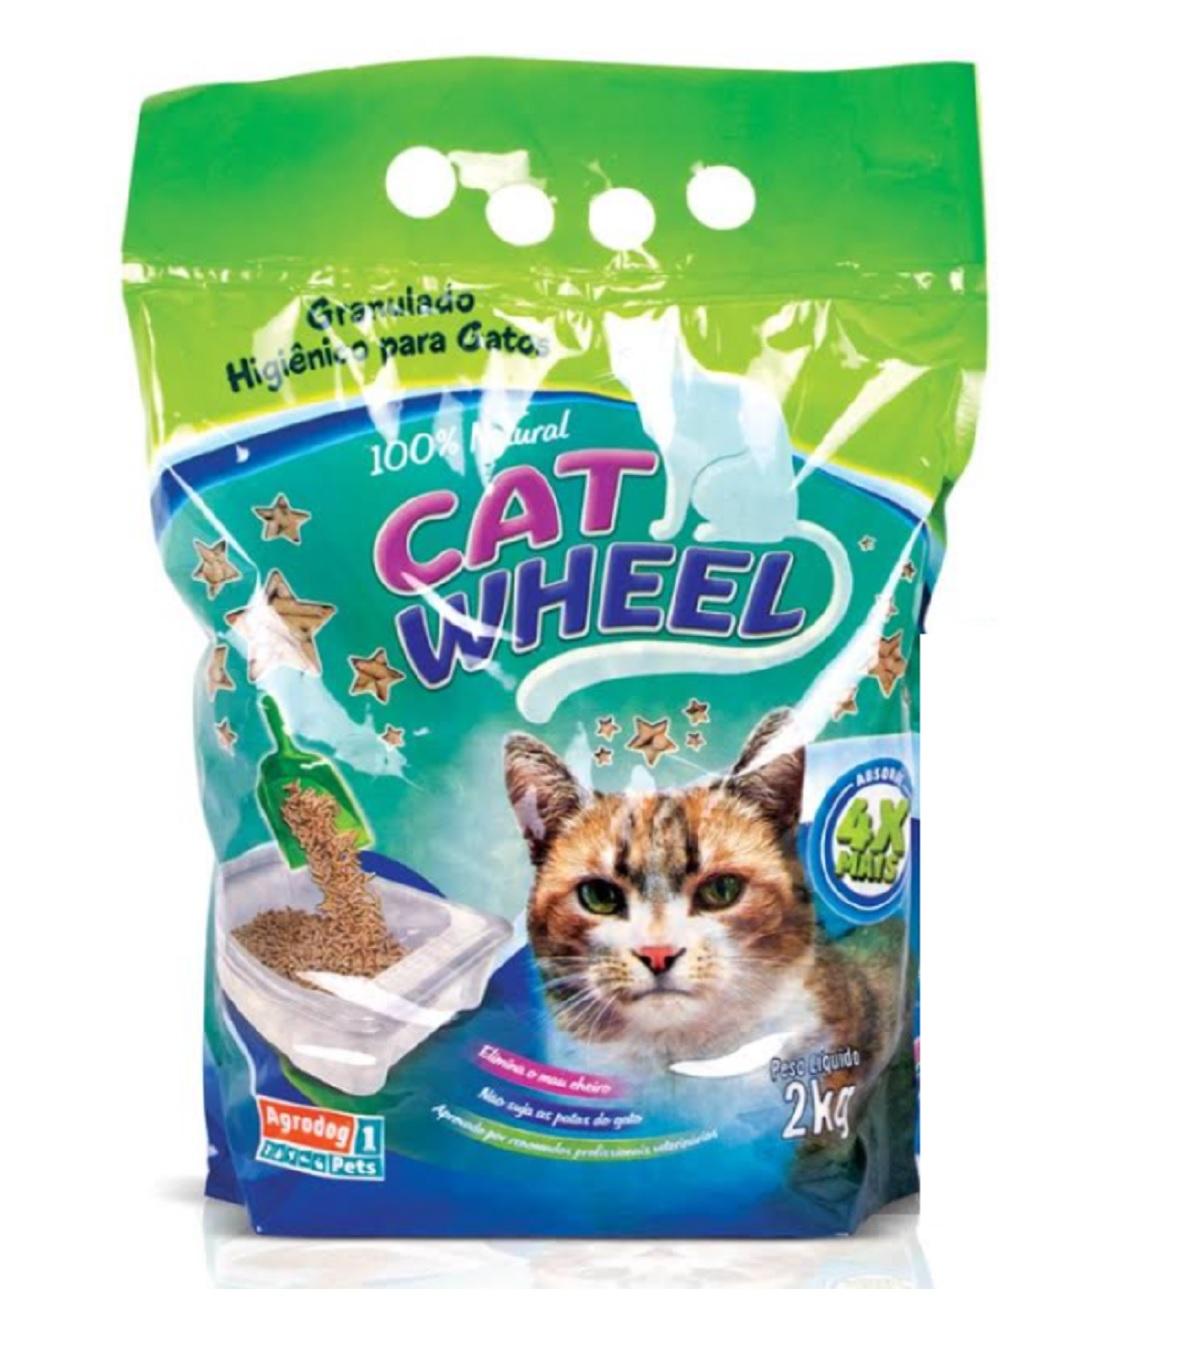 GRANULADO DE MADEIRA CAT WHEEL 2KG